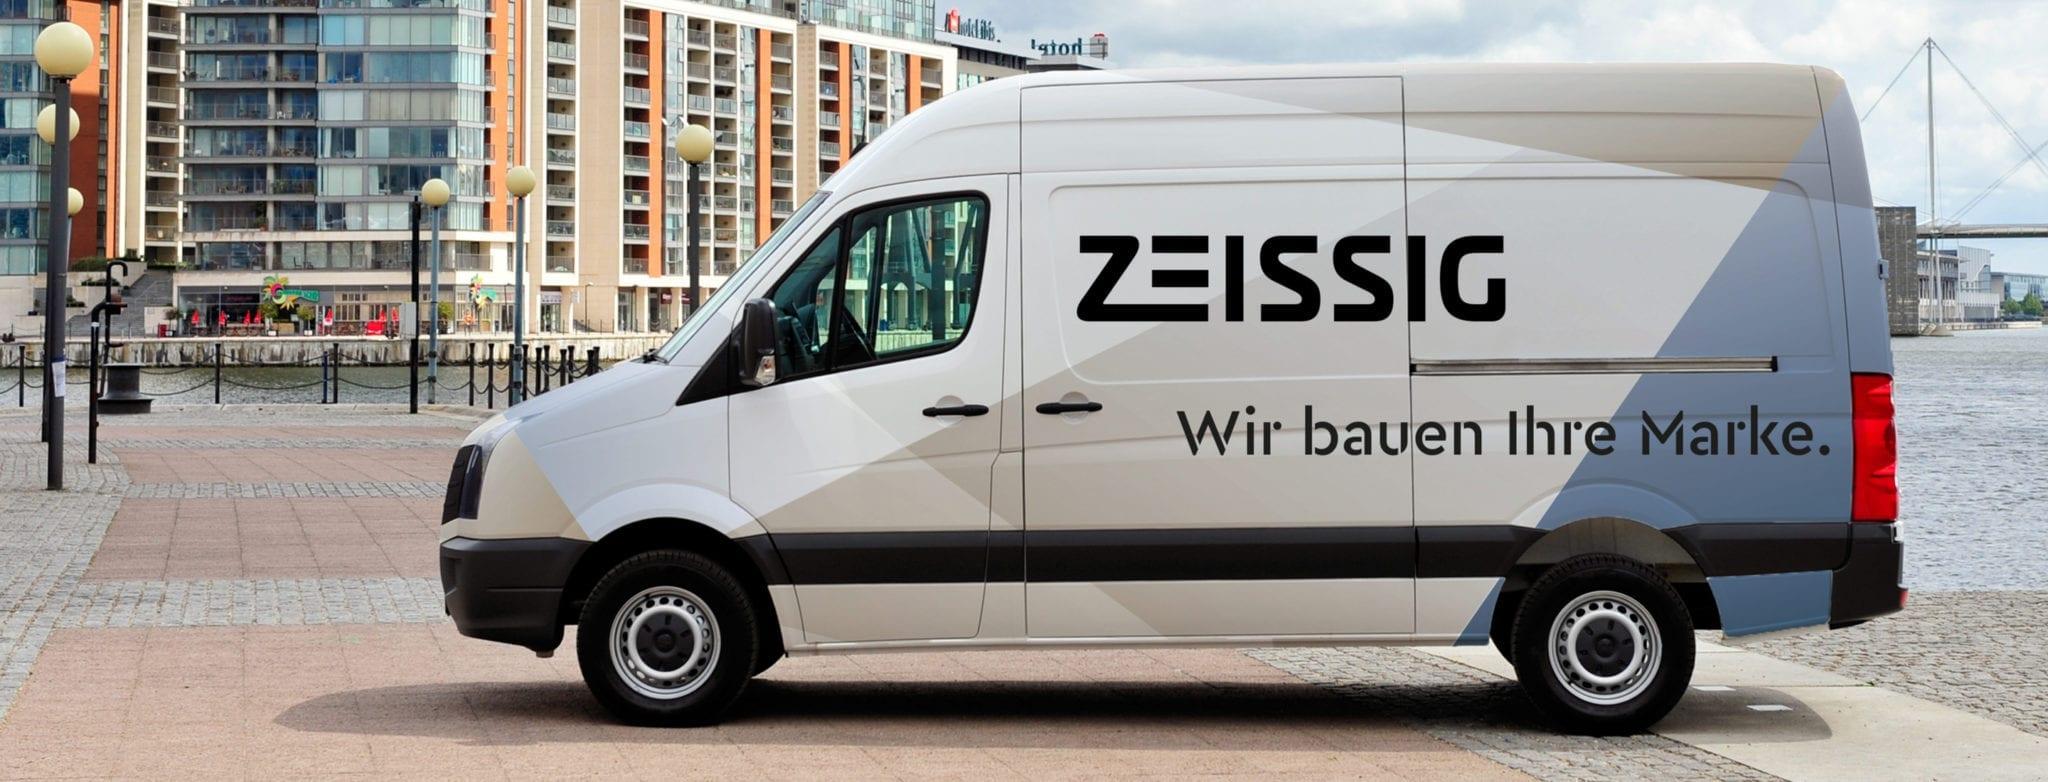 Transporter mit Zeissig Branding